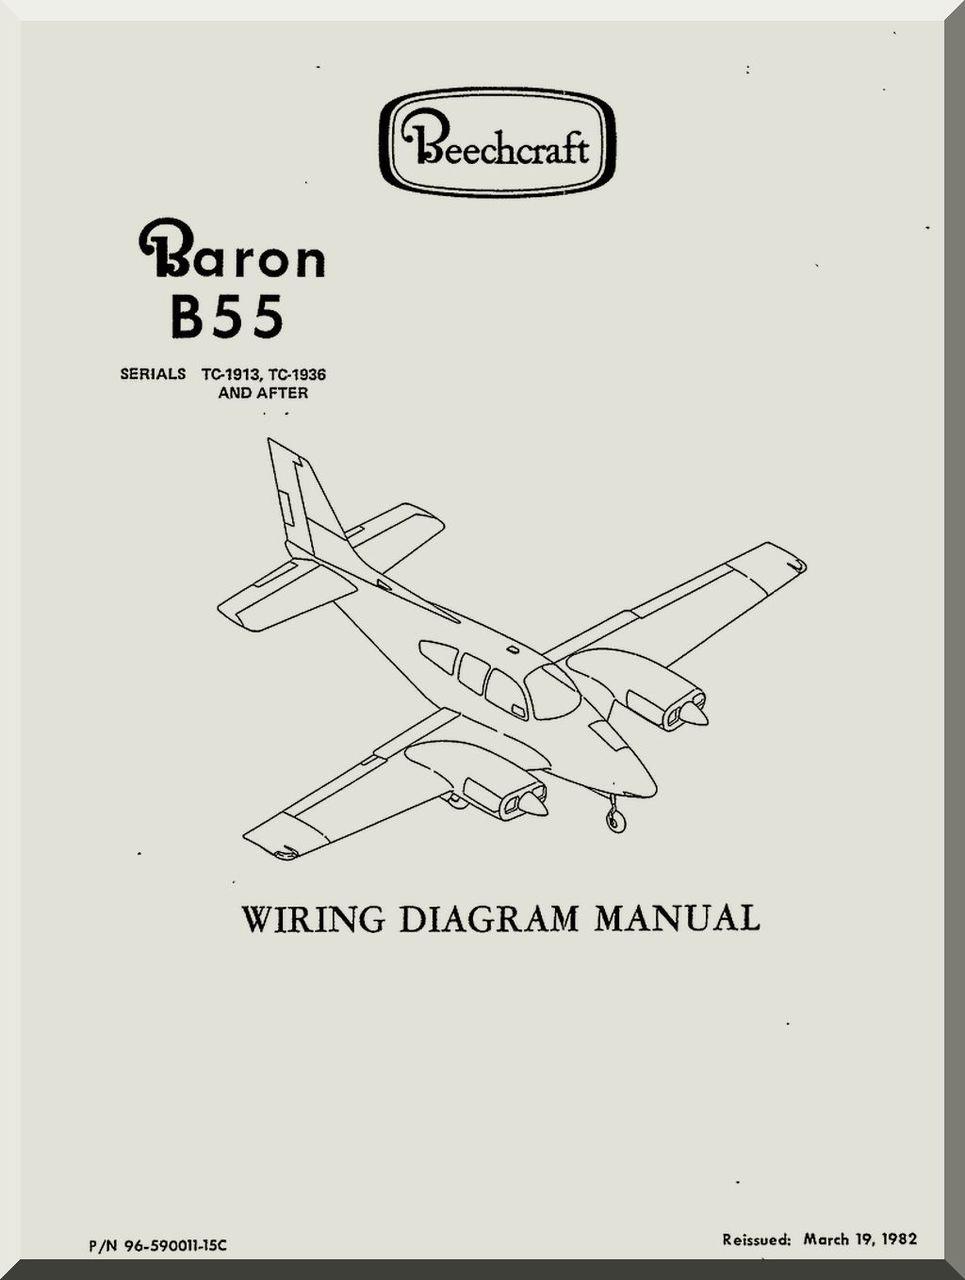 aircraft wiring diagram manual price 14 85 image 1 [ 965 x 1280 Pixel ]